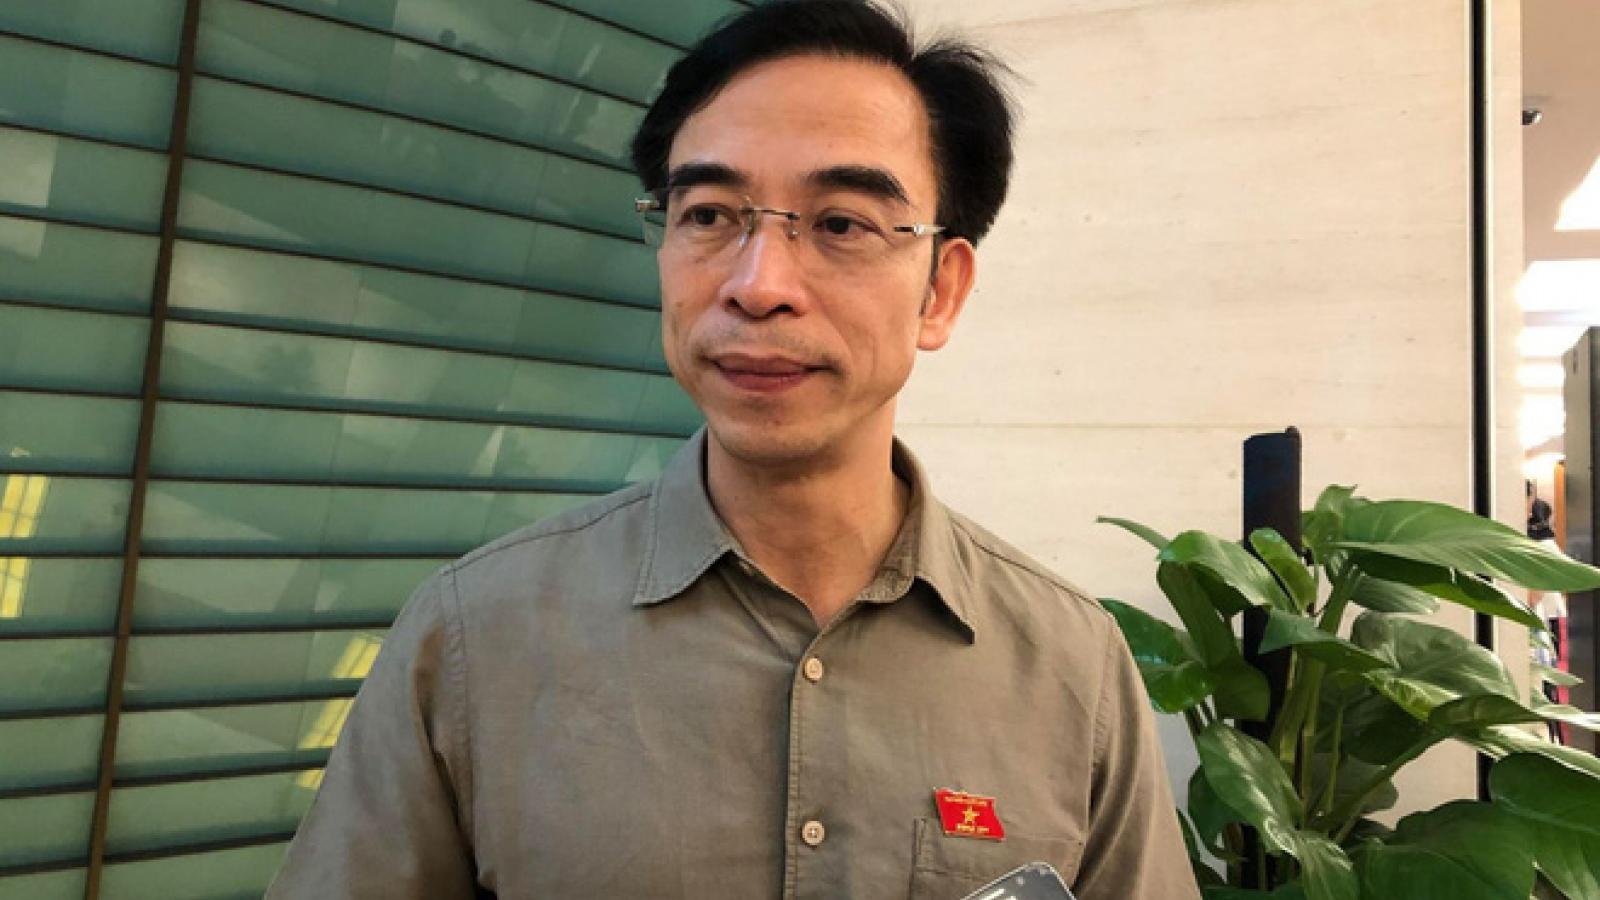 Bộ Y tế đình chỉ công tác Giám đốc BV Bạch Mai Nguyễn Quang Tuấn